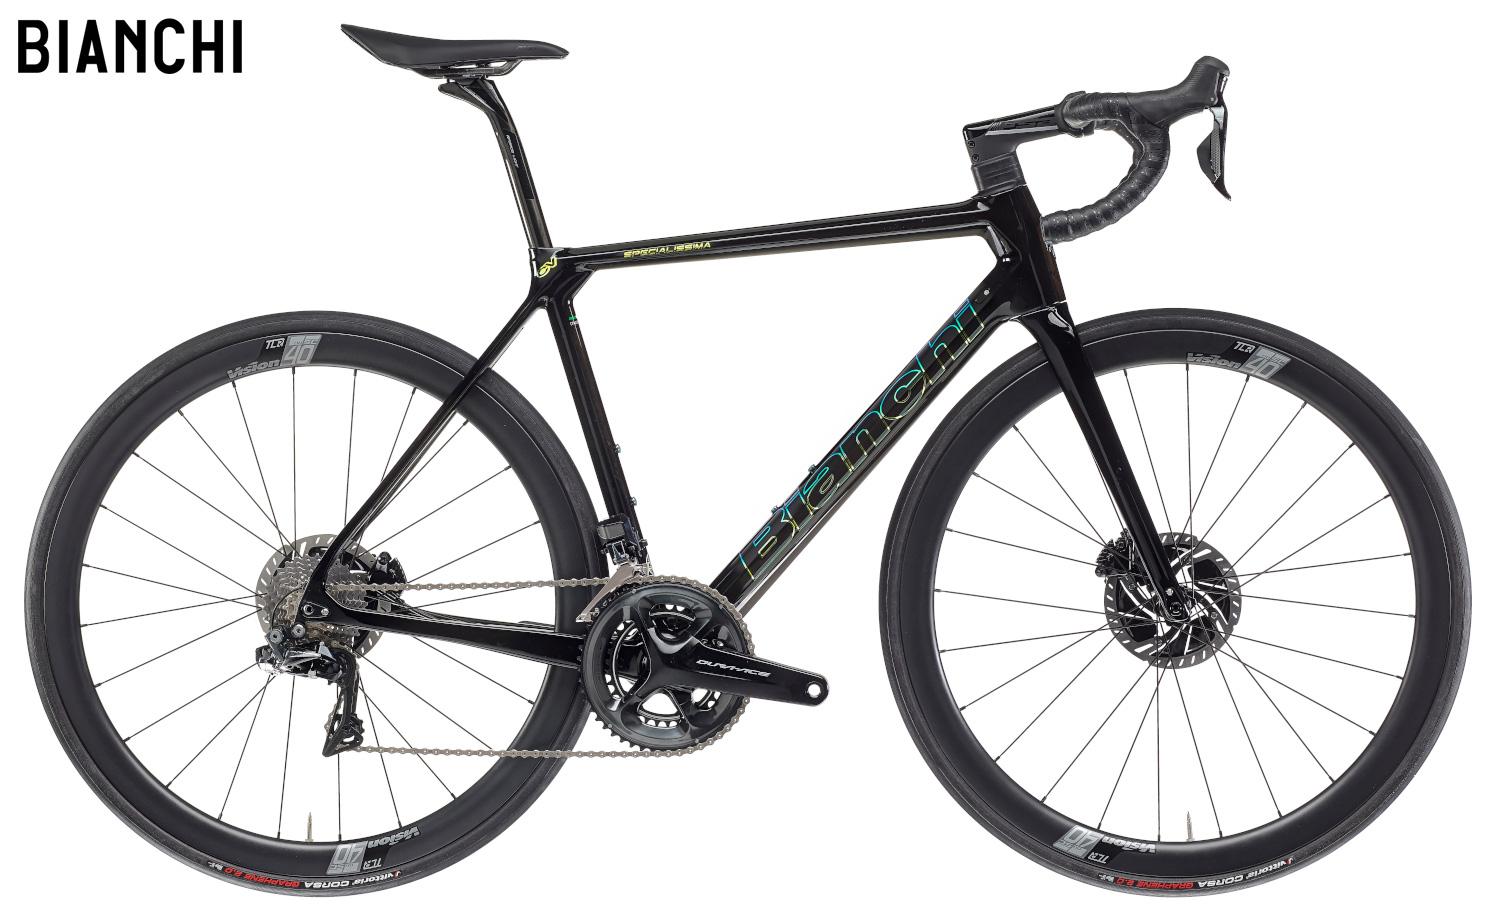 Una bici da strada Bianchi Specialissima Disc Dura Ace Di2 gamma 2021